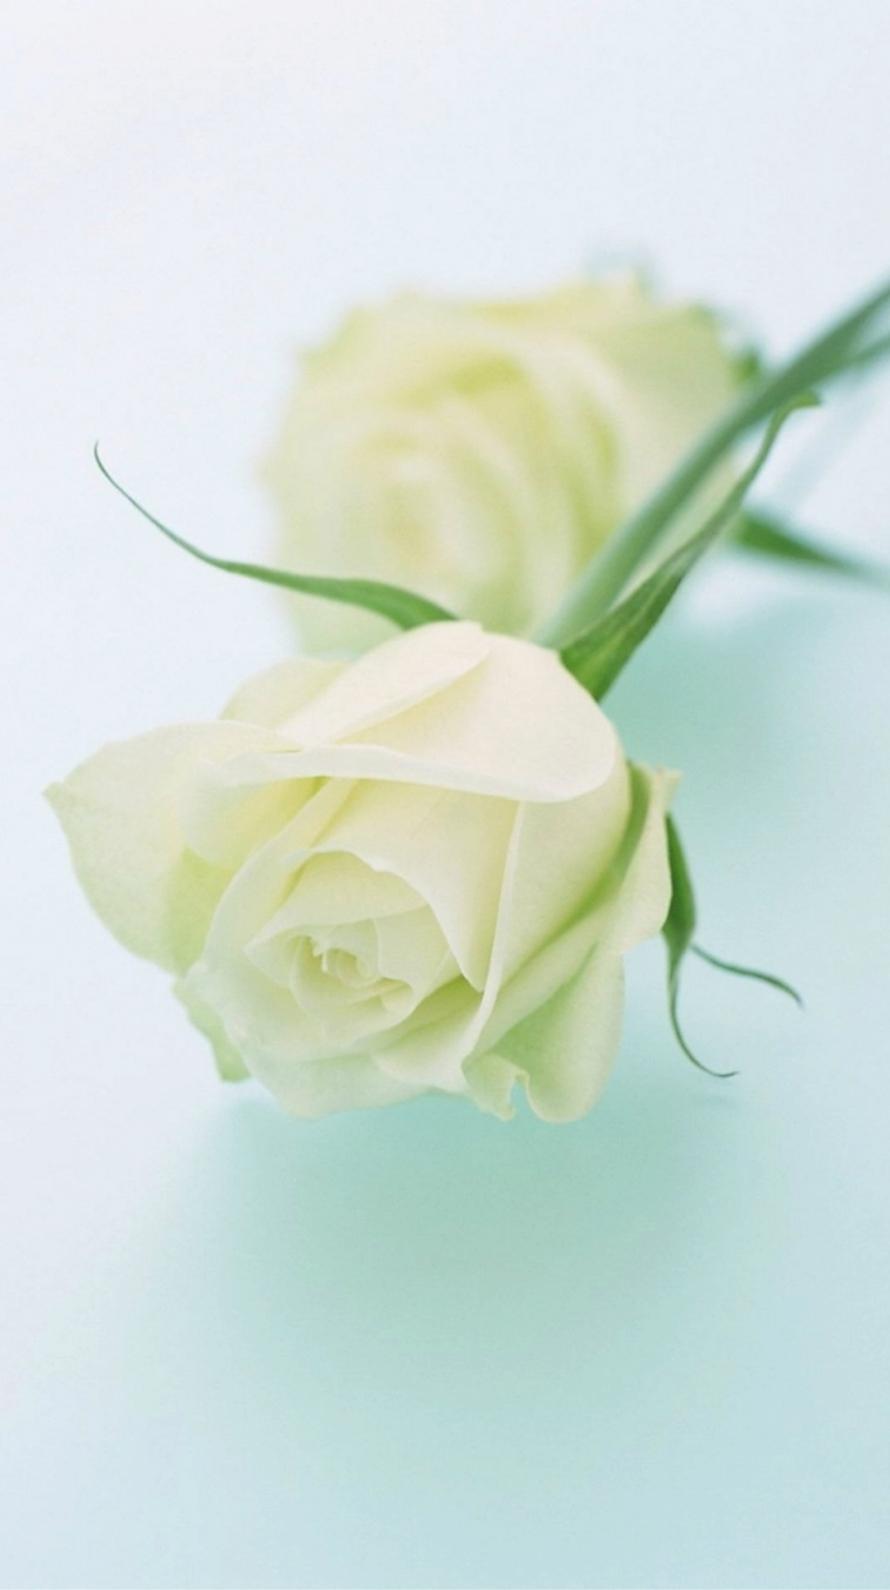 白い薔薇 iPhone6壁紙